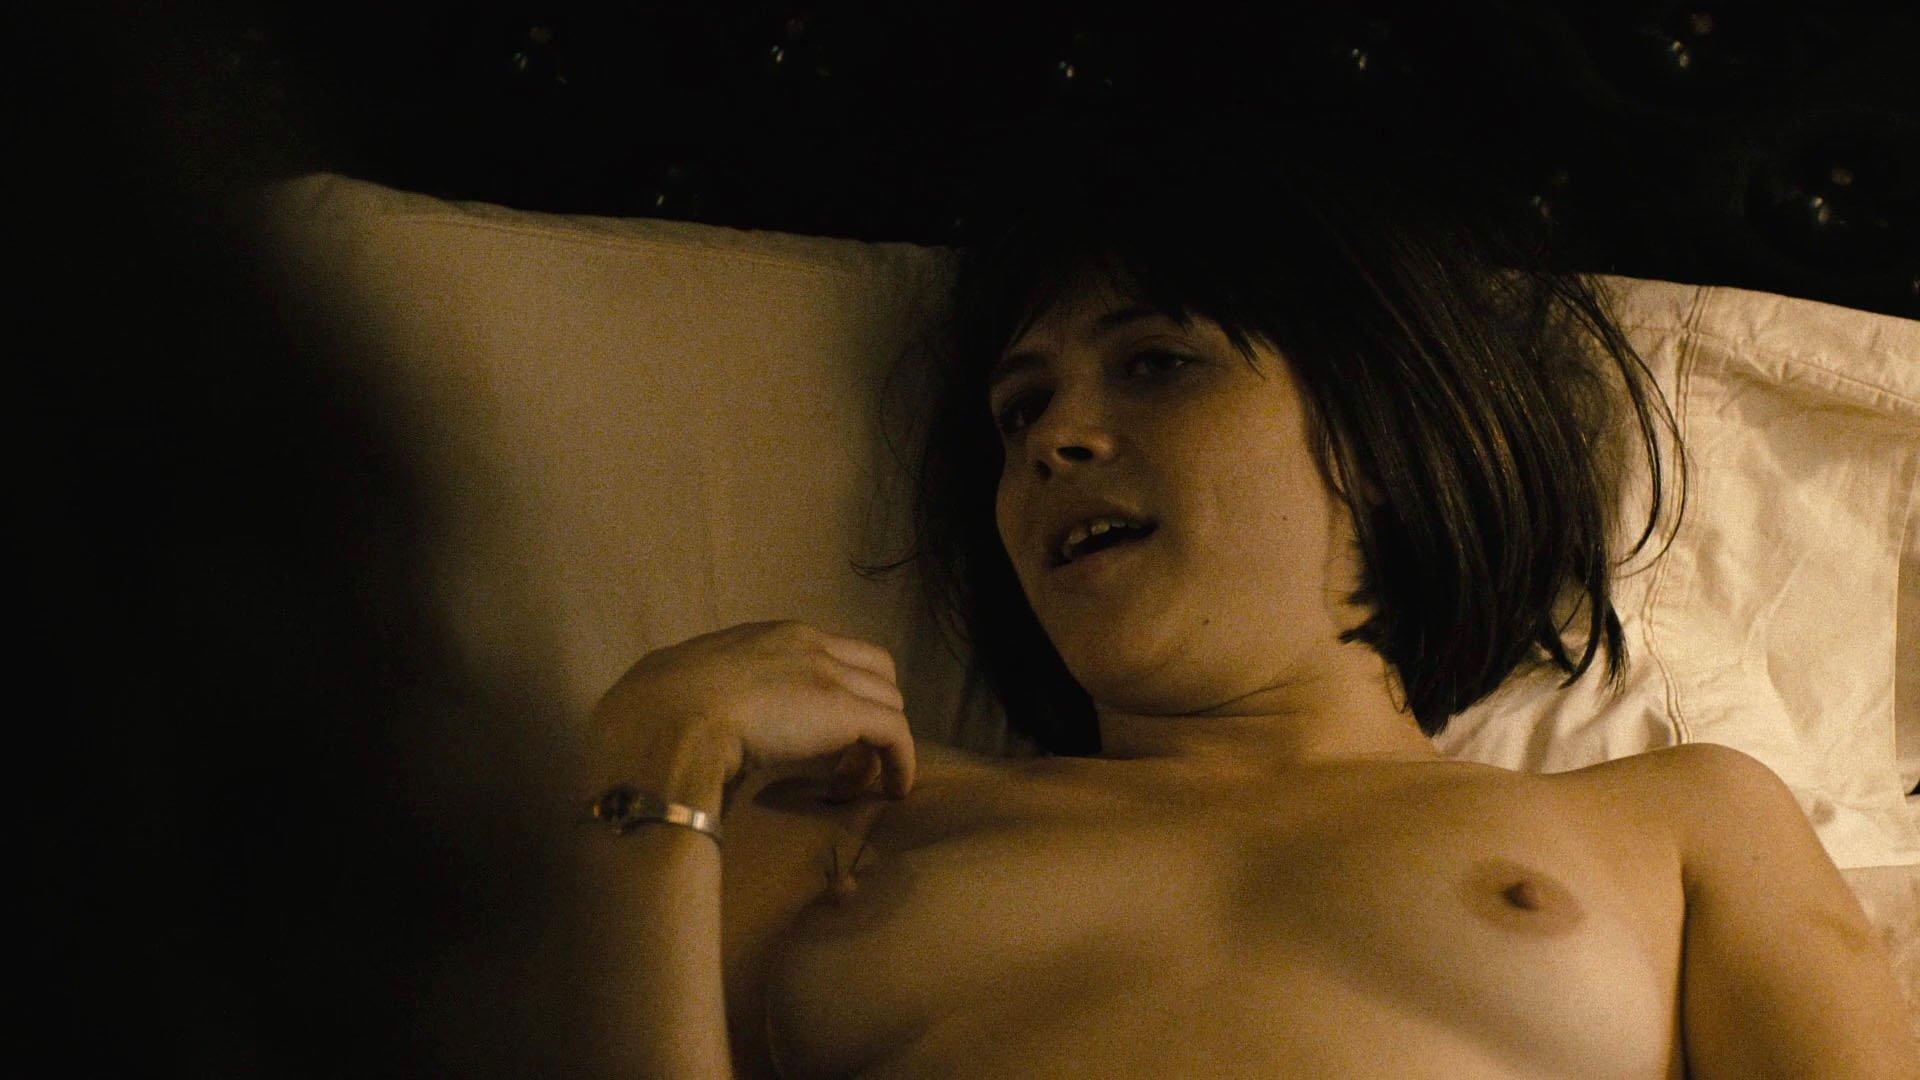 Olivia luccardi kayla foster the deuce s01e05 sex scenes 6